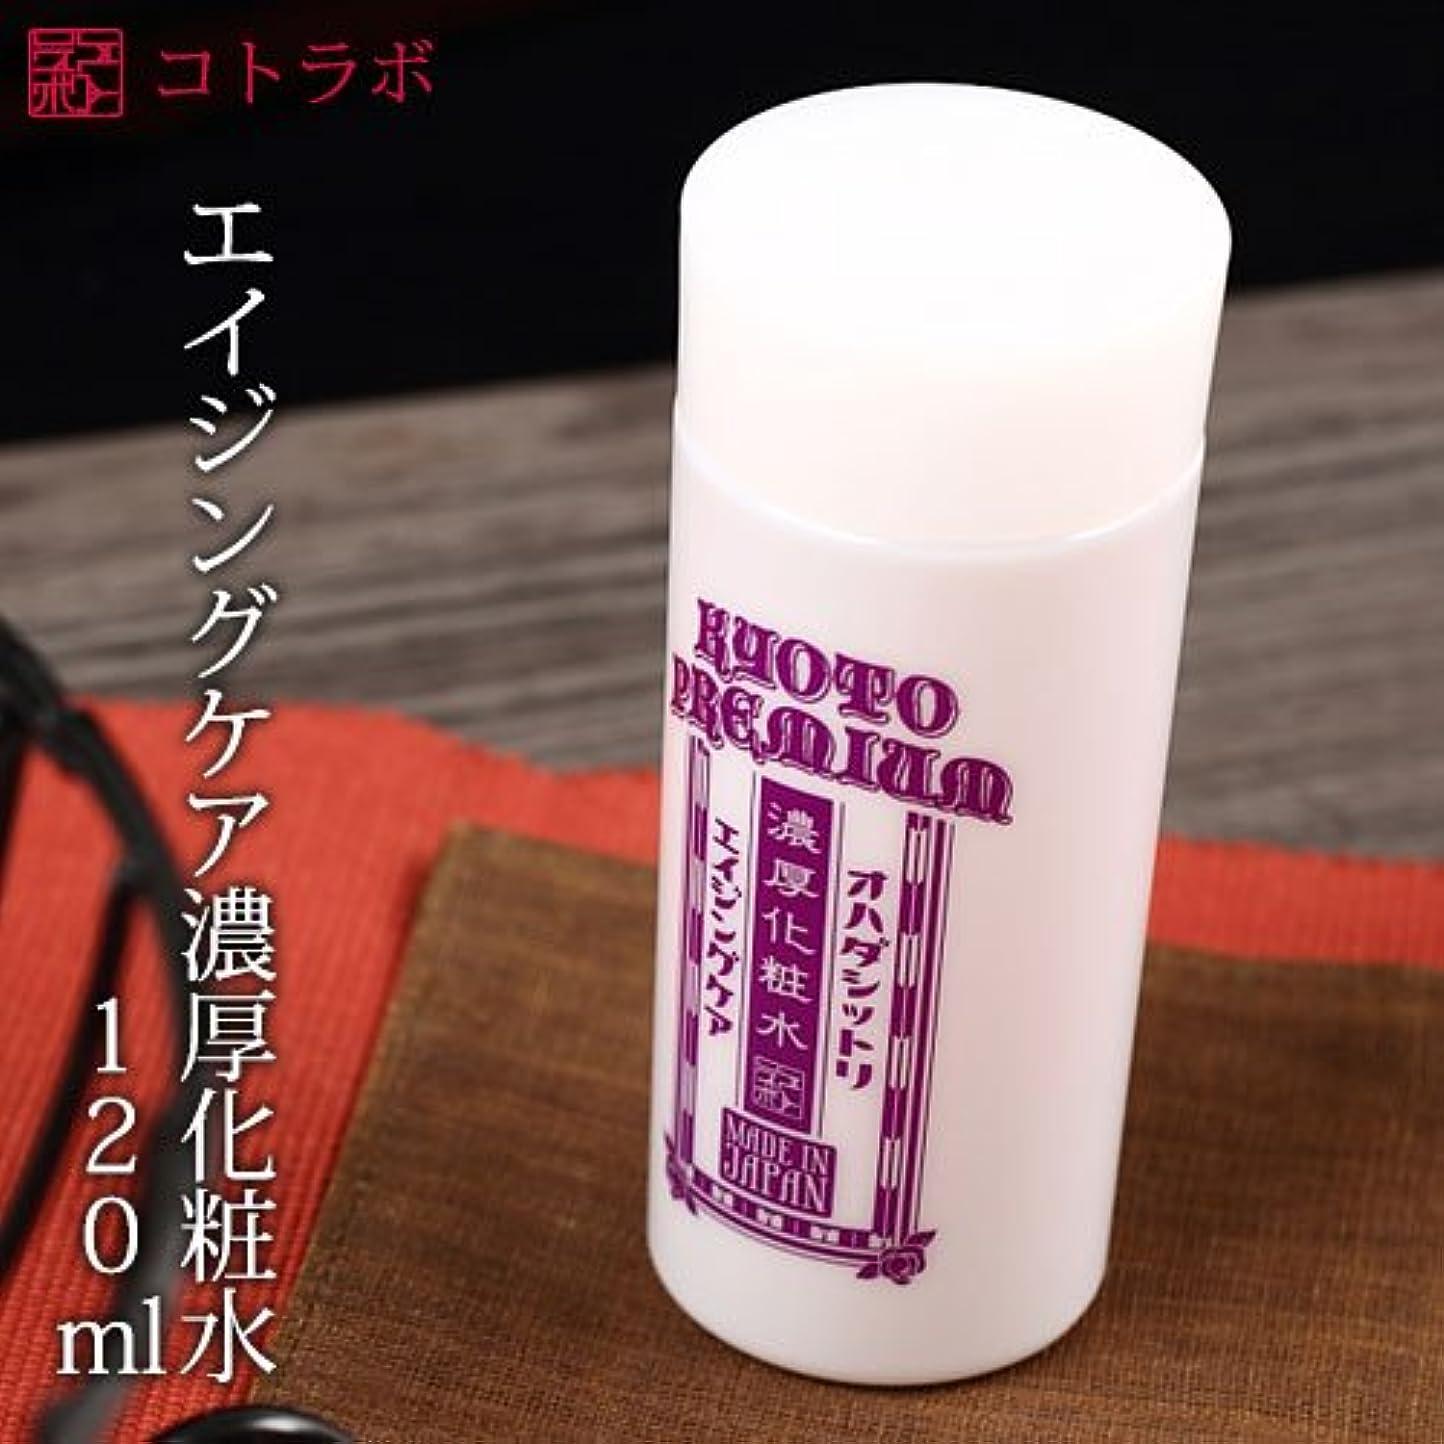 署名サイズリフレッシュコトラボ濃厚化粧水コンセントレイトローションナールスゲン配合のエイジングケア化粧水120ml